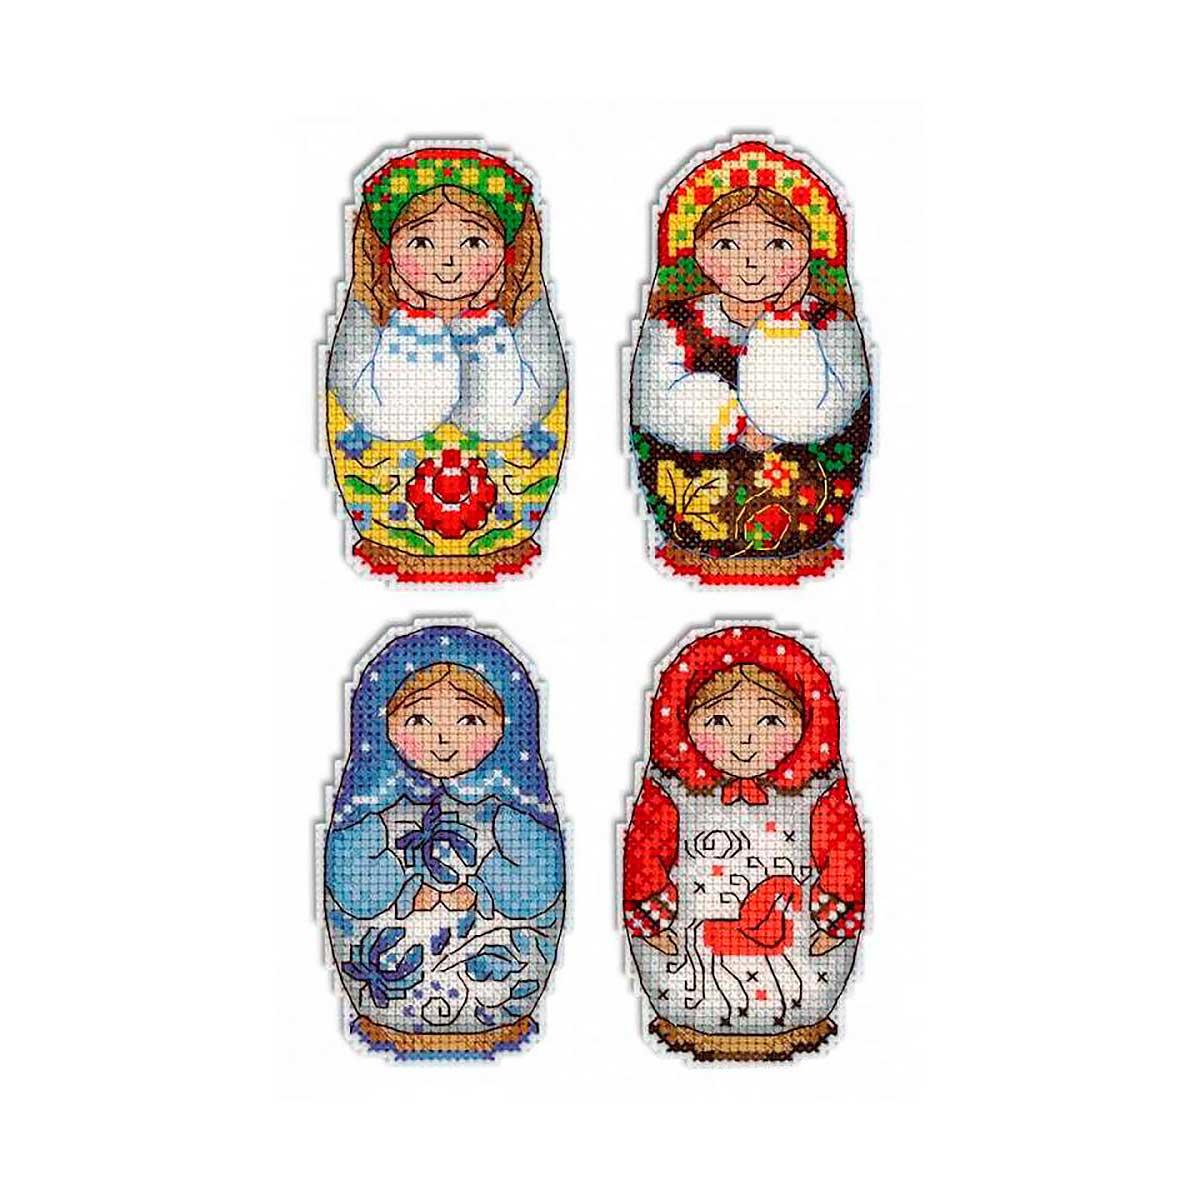 Р-337 Набор для вышивания на пластиковой канве МП Студия 'Русские матрешки. Магниты'9*5см